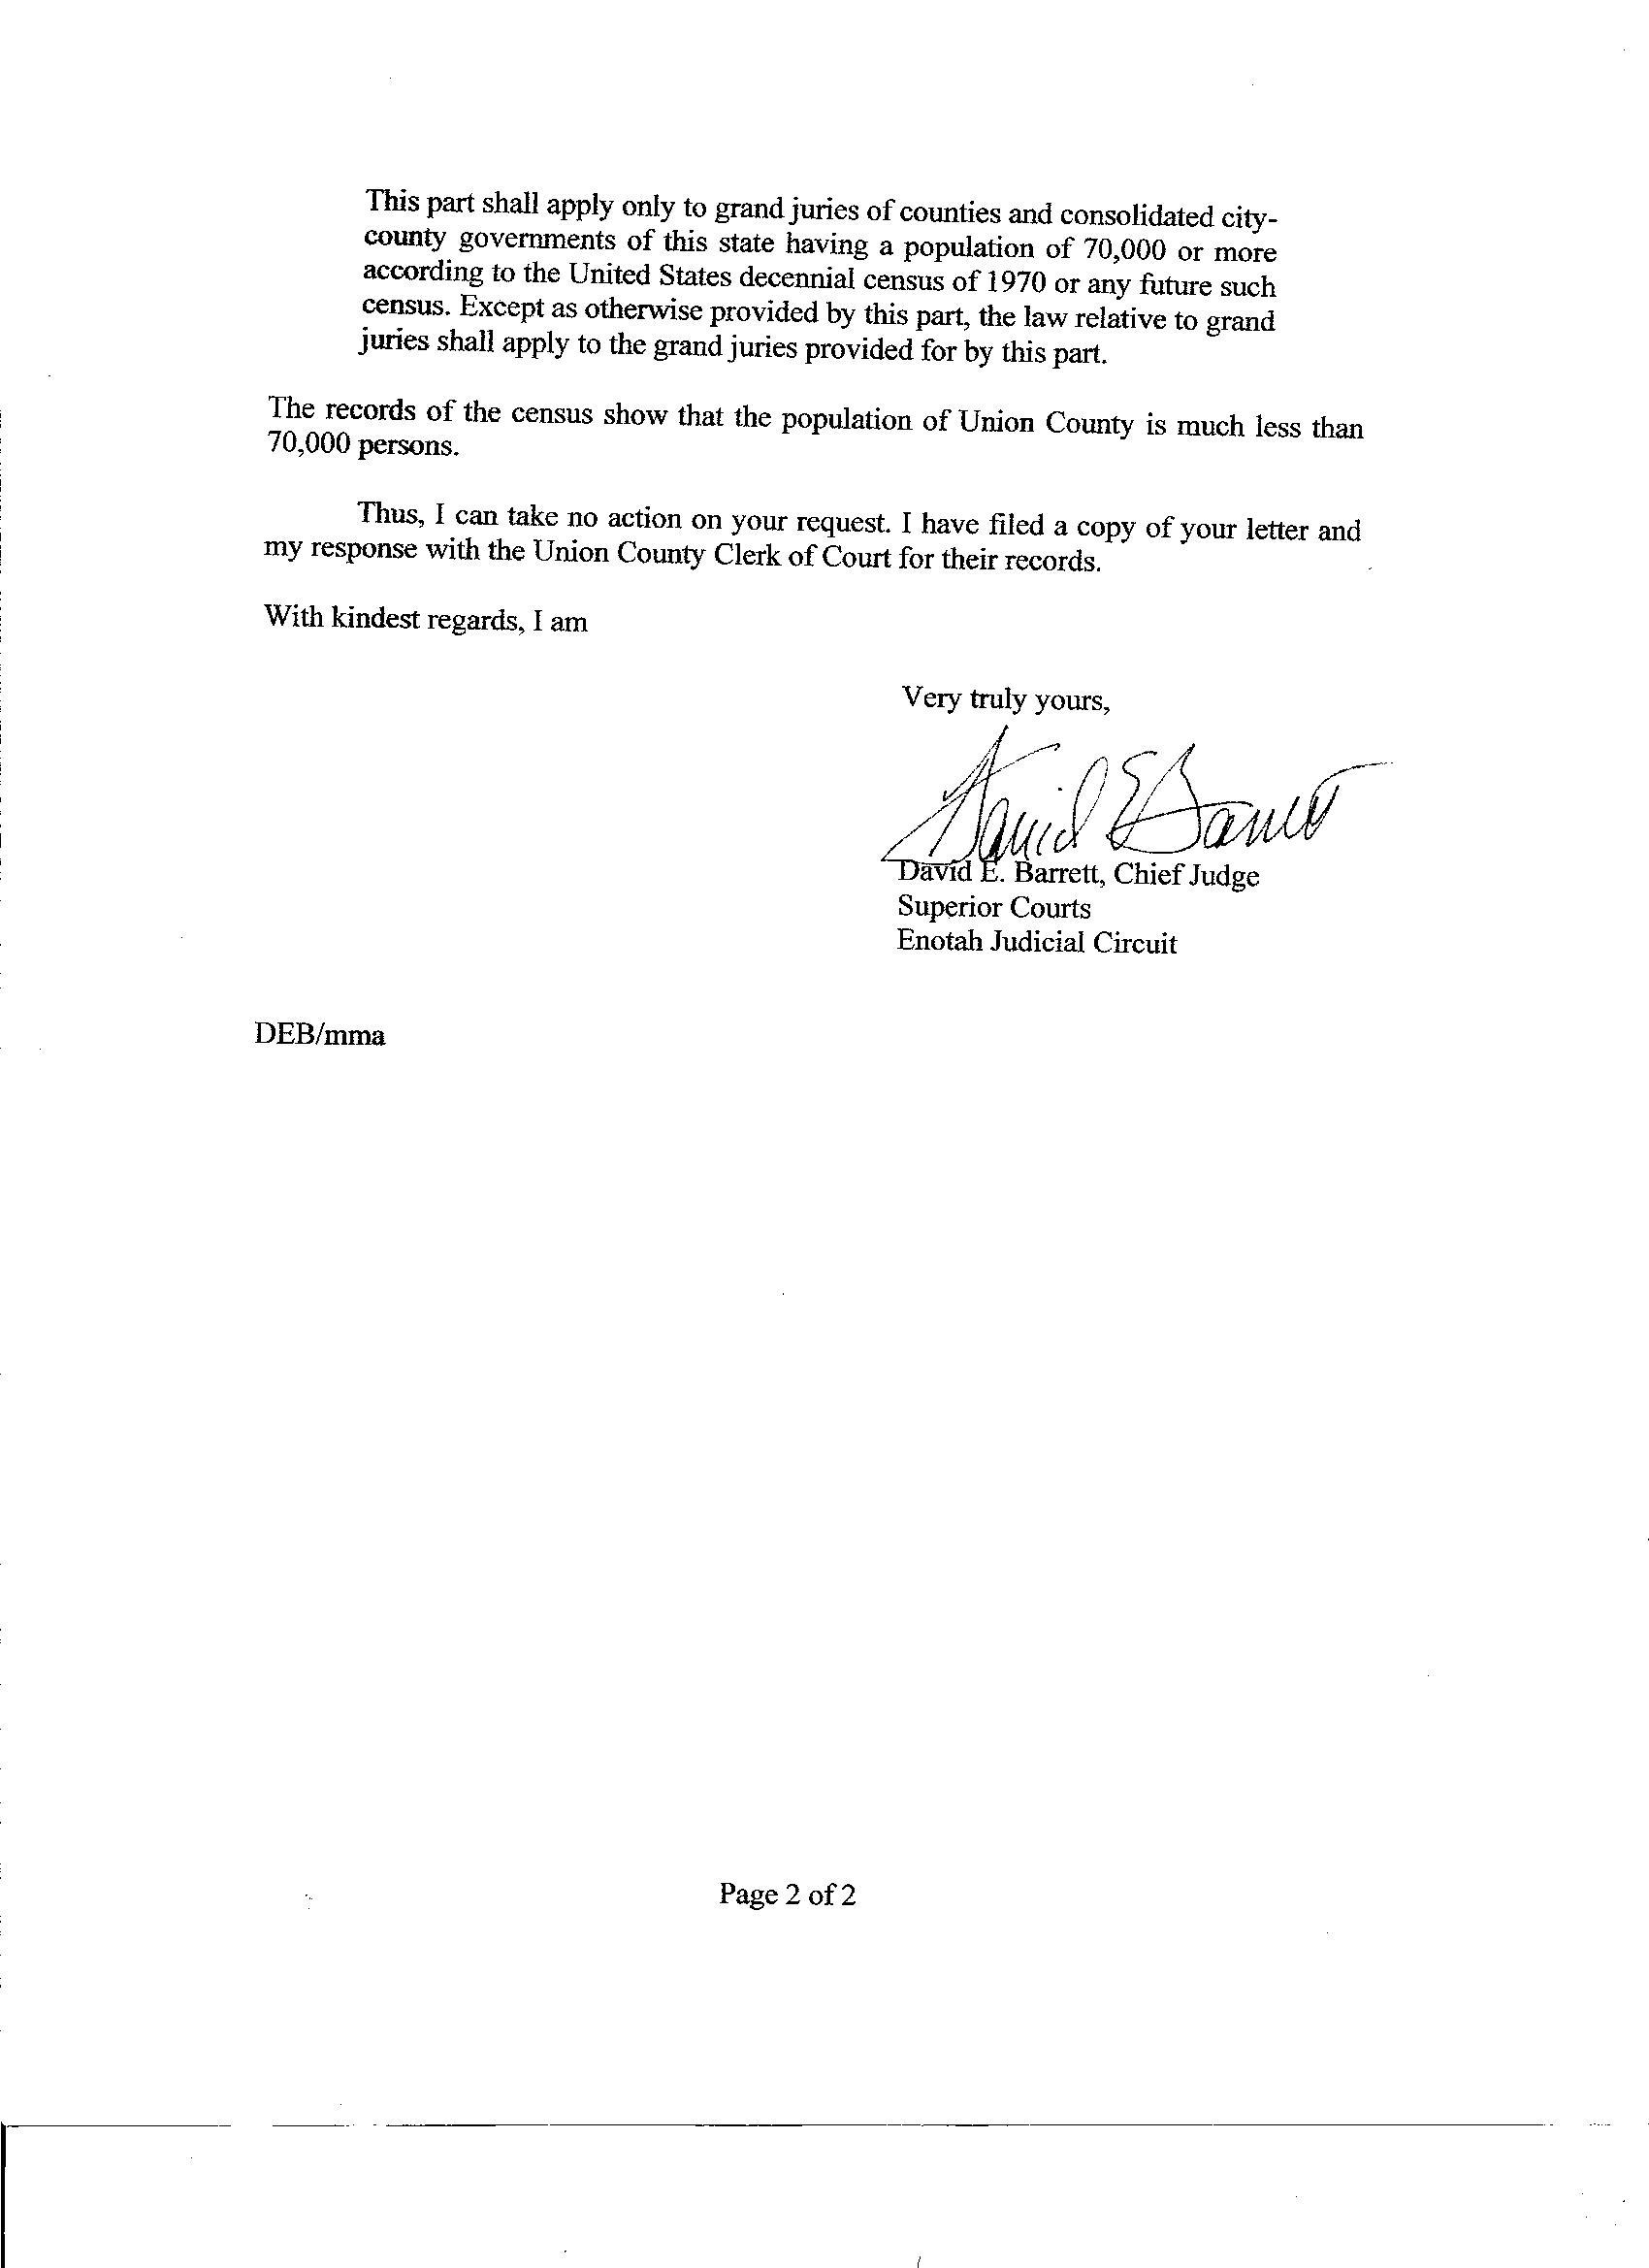 Zeb Judge Barrett page 2 001